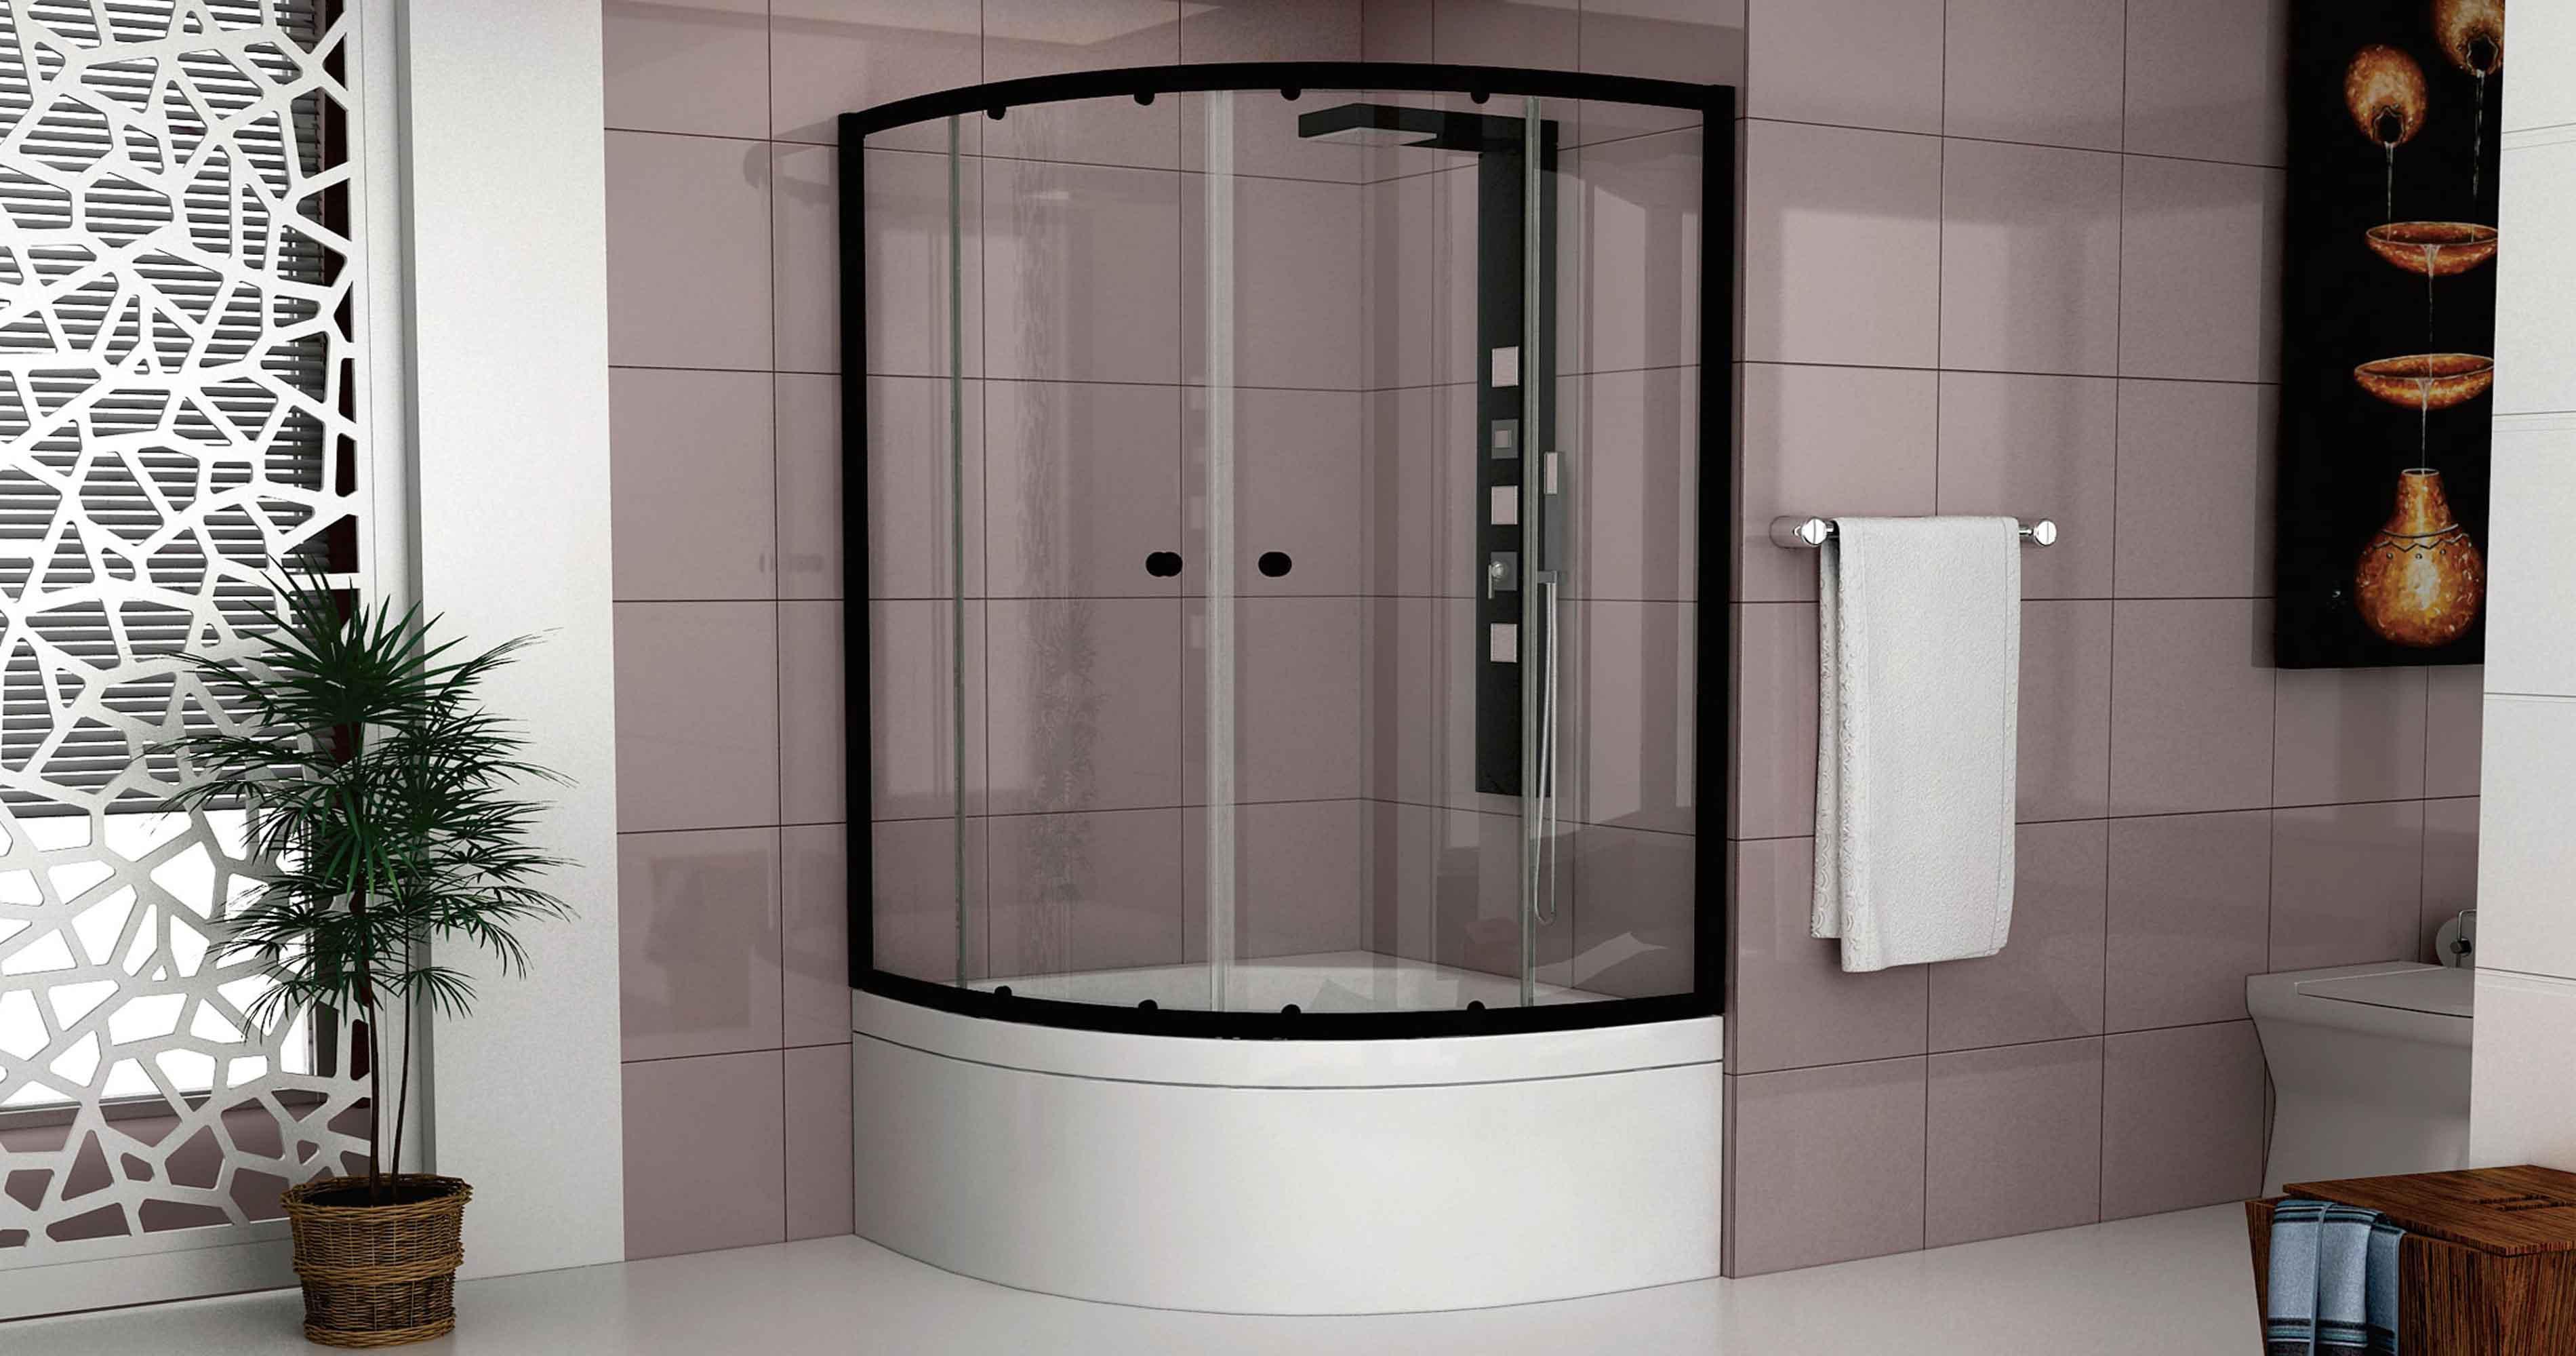 Duşakabin Sistemleri - Efor Cam & Ayna